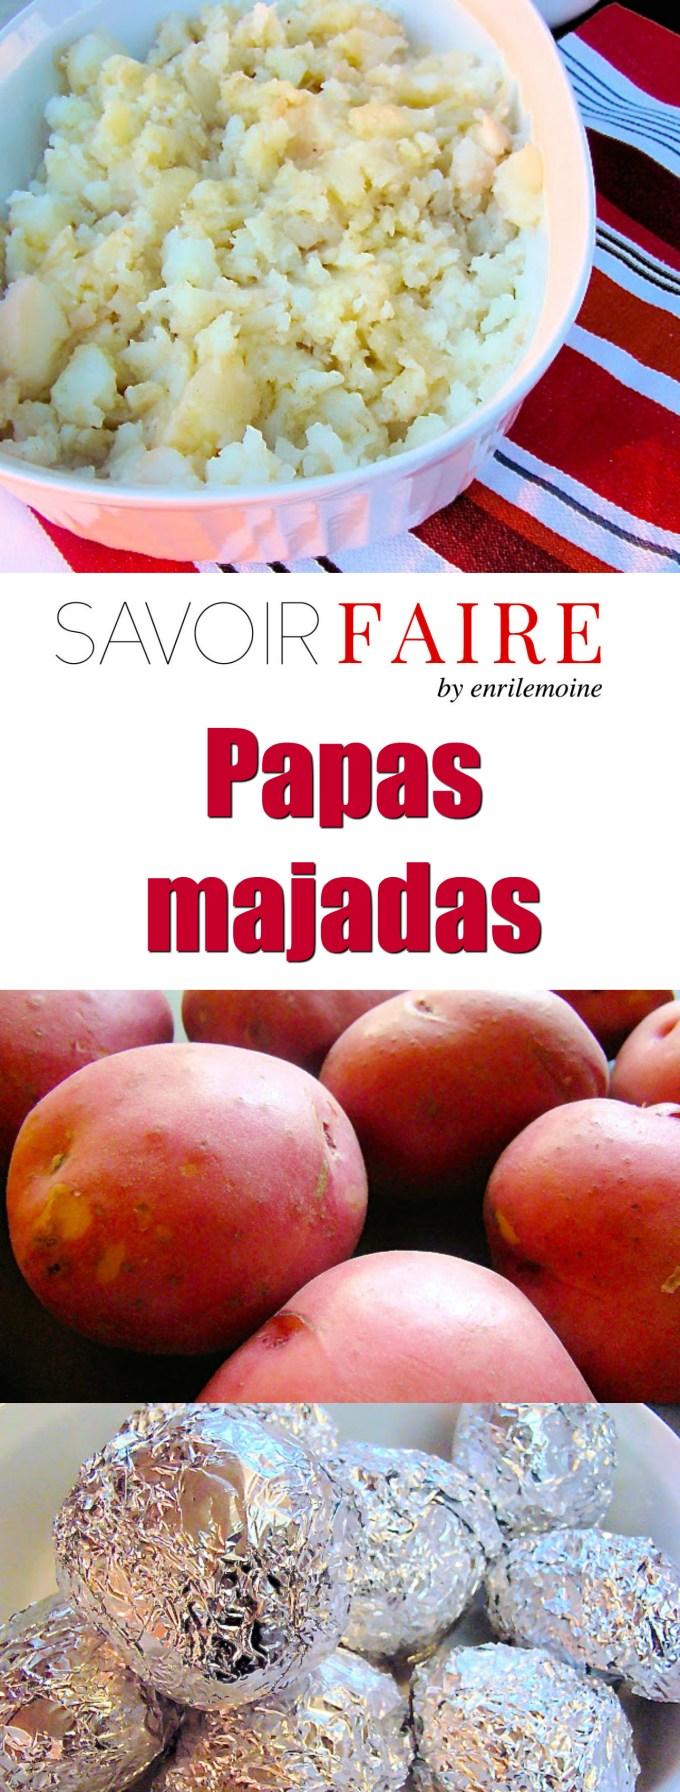 Papas majadas - SAVOIR FAIRE by enrilemoine